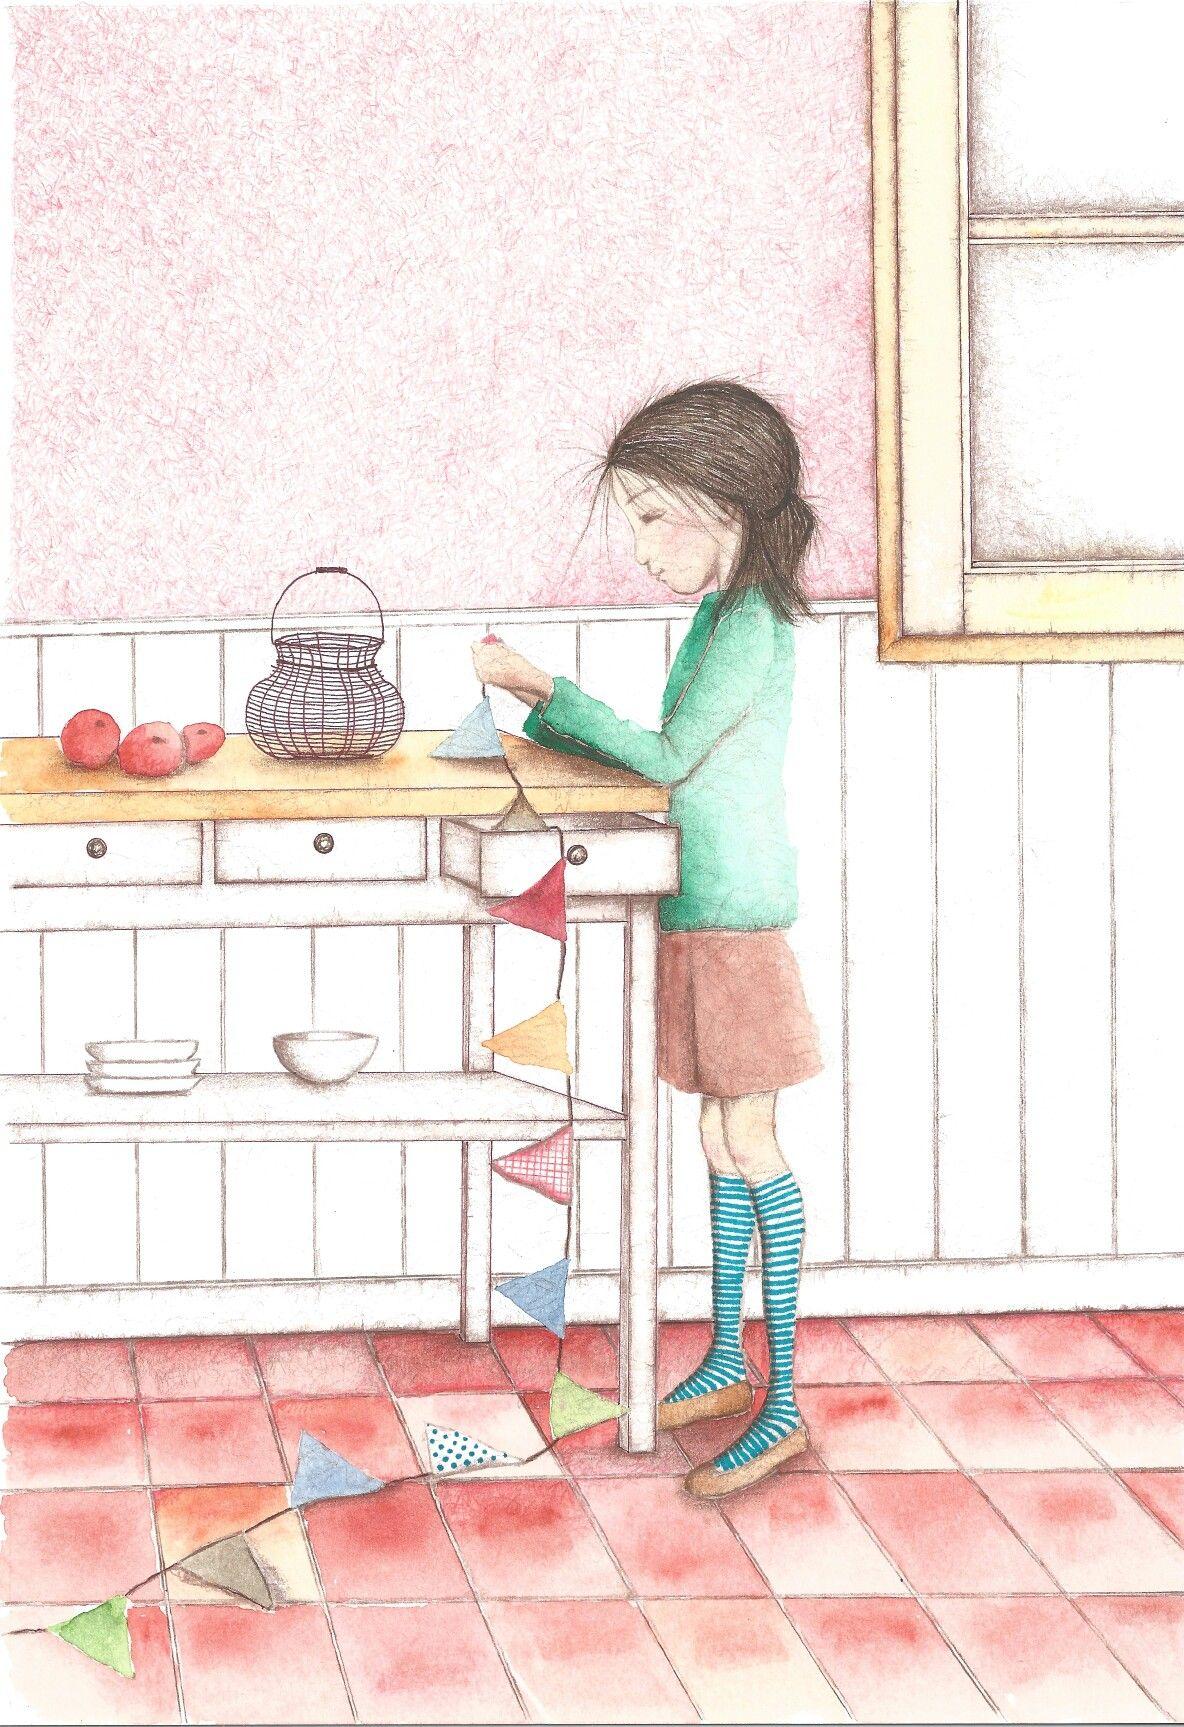 Técnica mixta, niña en cocina